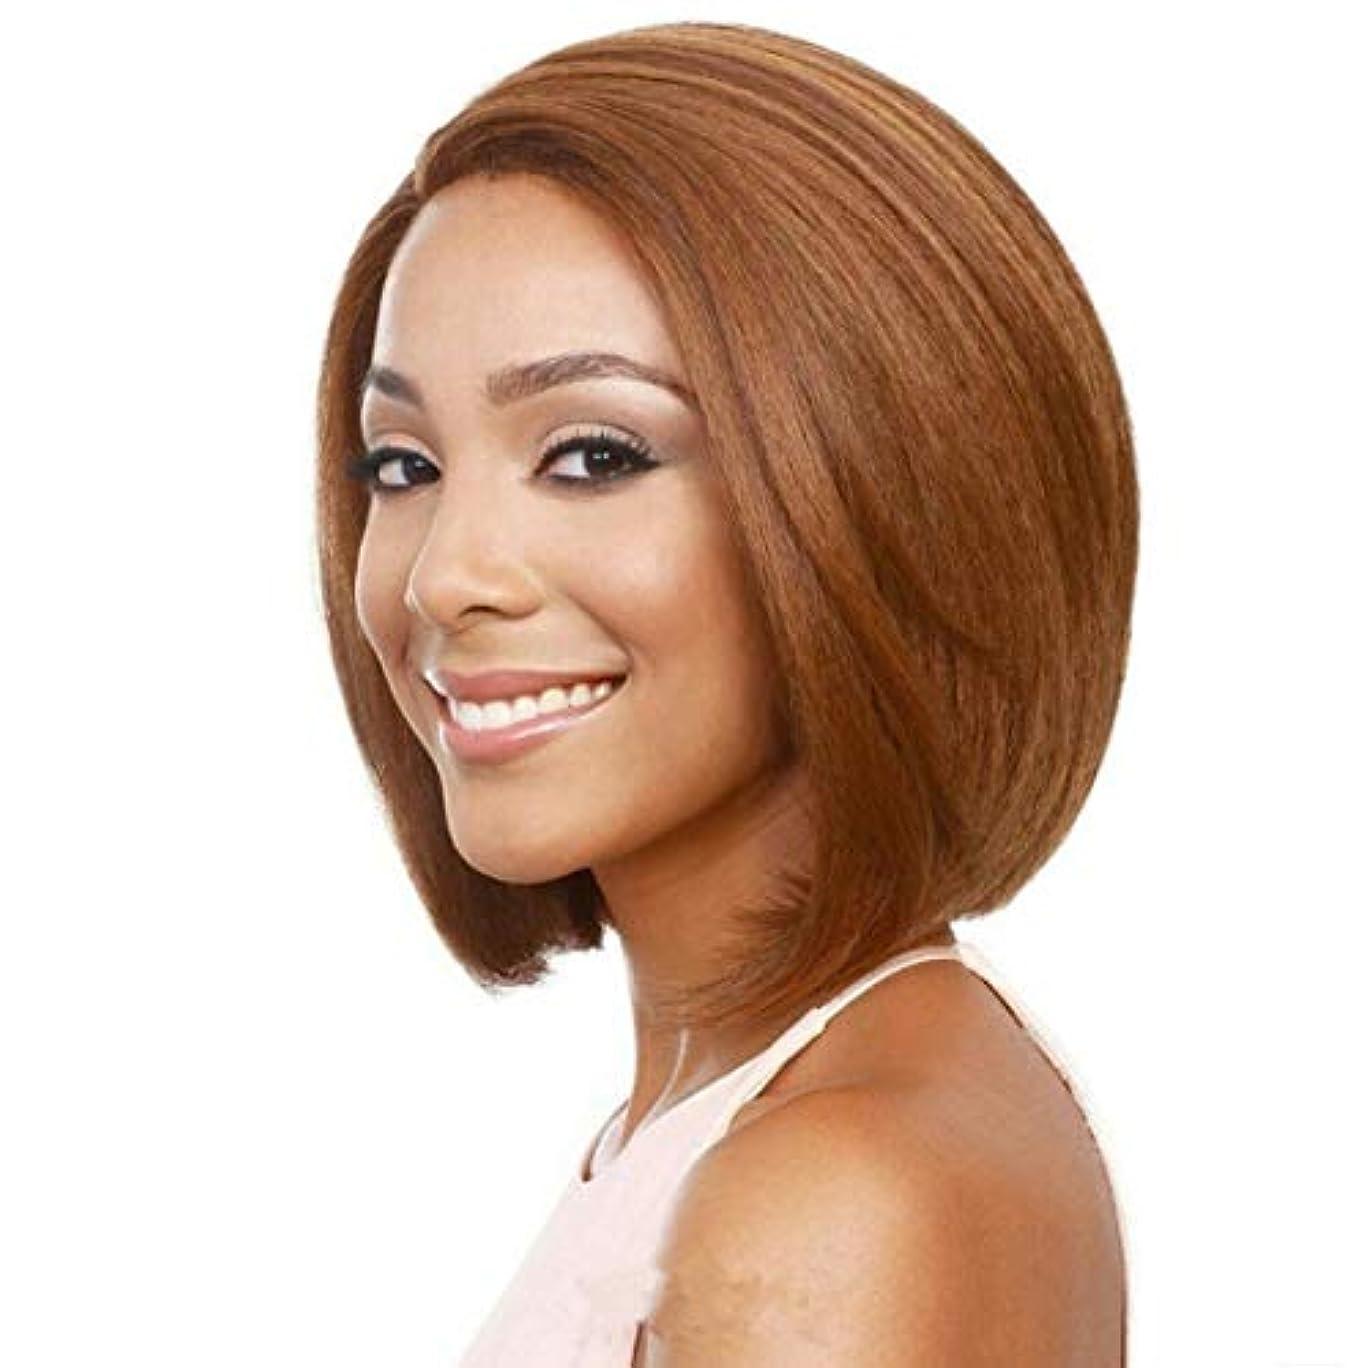 ずんぐりした樫の木不和Kerwinner 前髪合成耐熱性女性のヘアスタイルと短いふわふわボブ変態ストレートヘアウィッグ (Color : Light Brown)